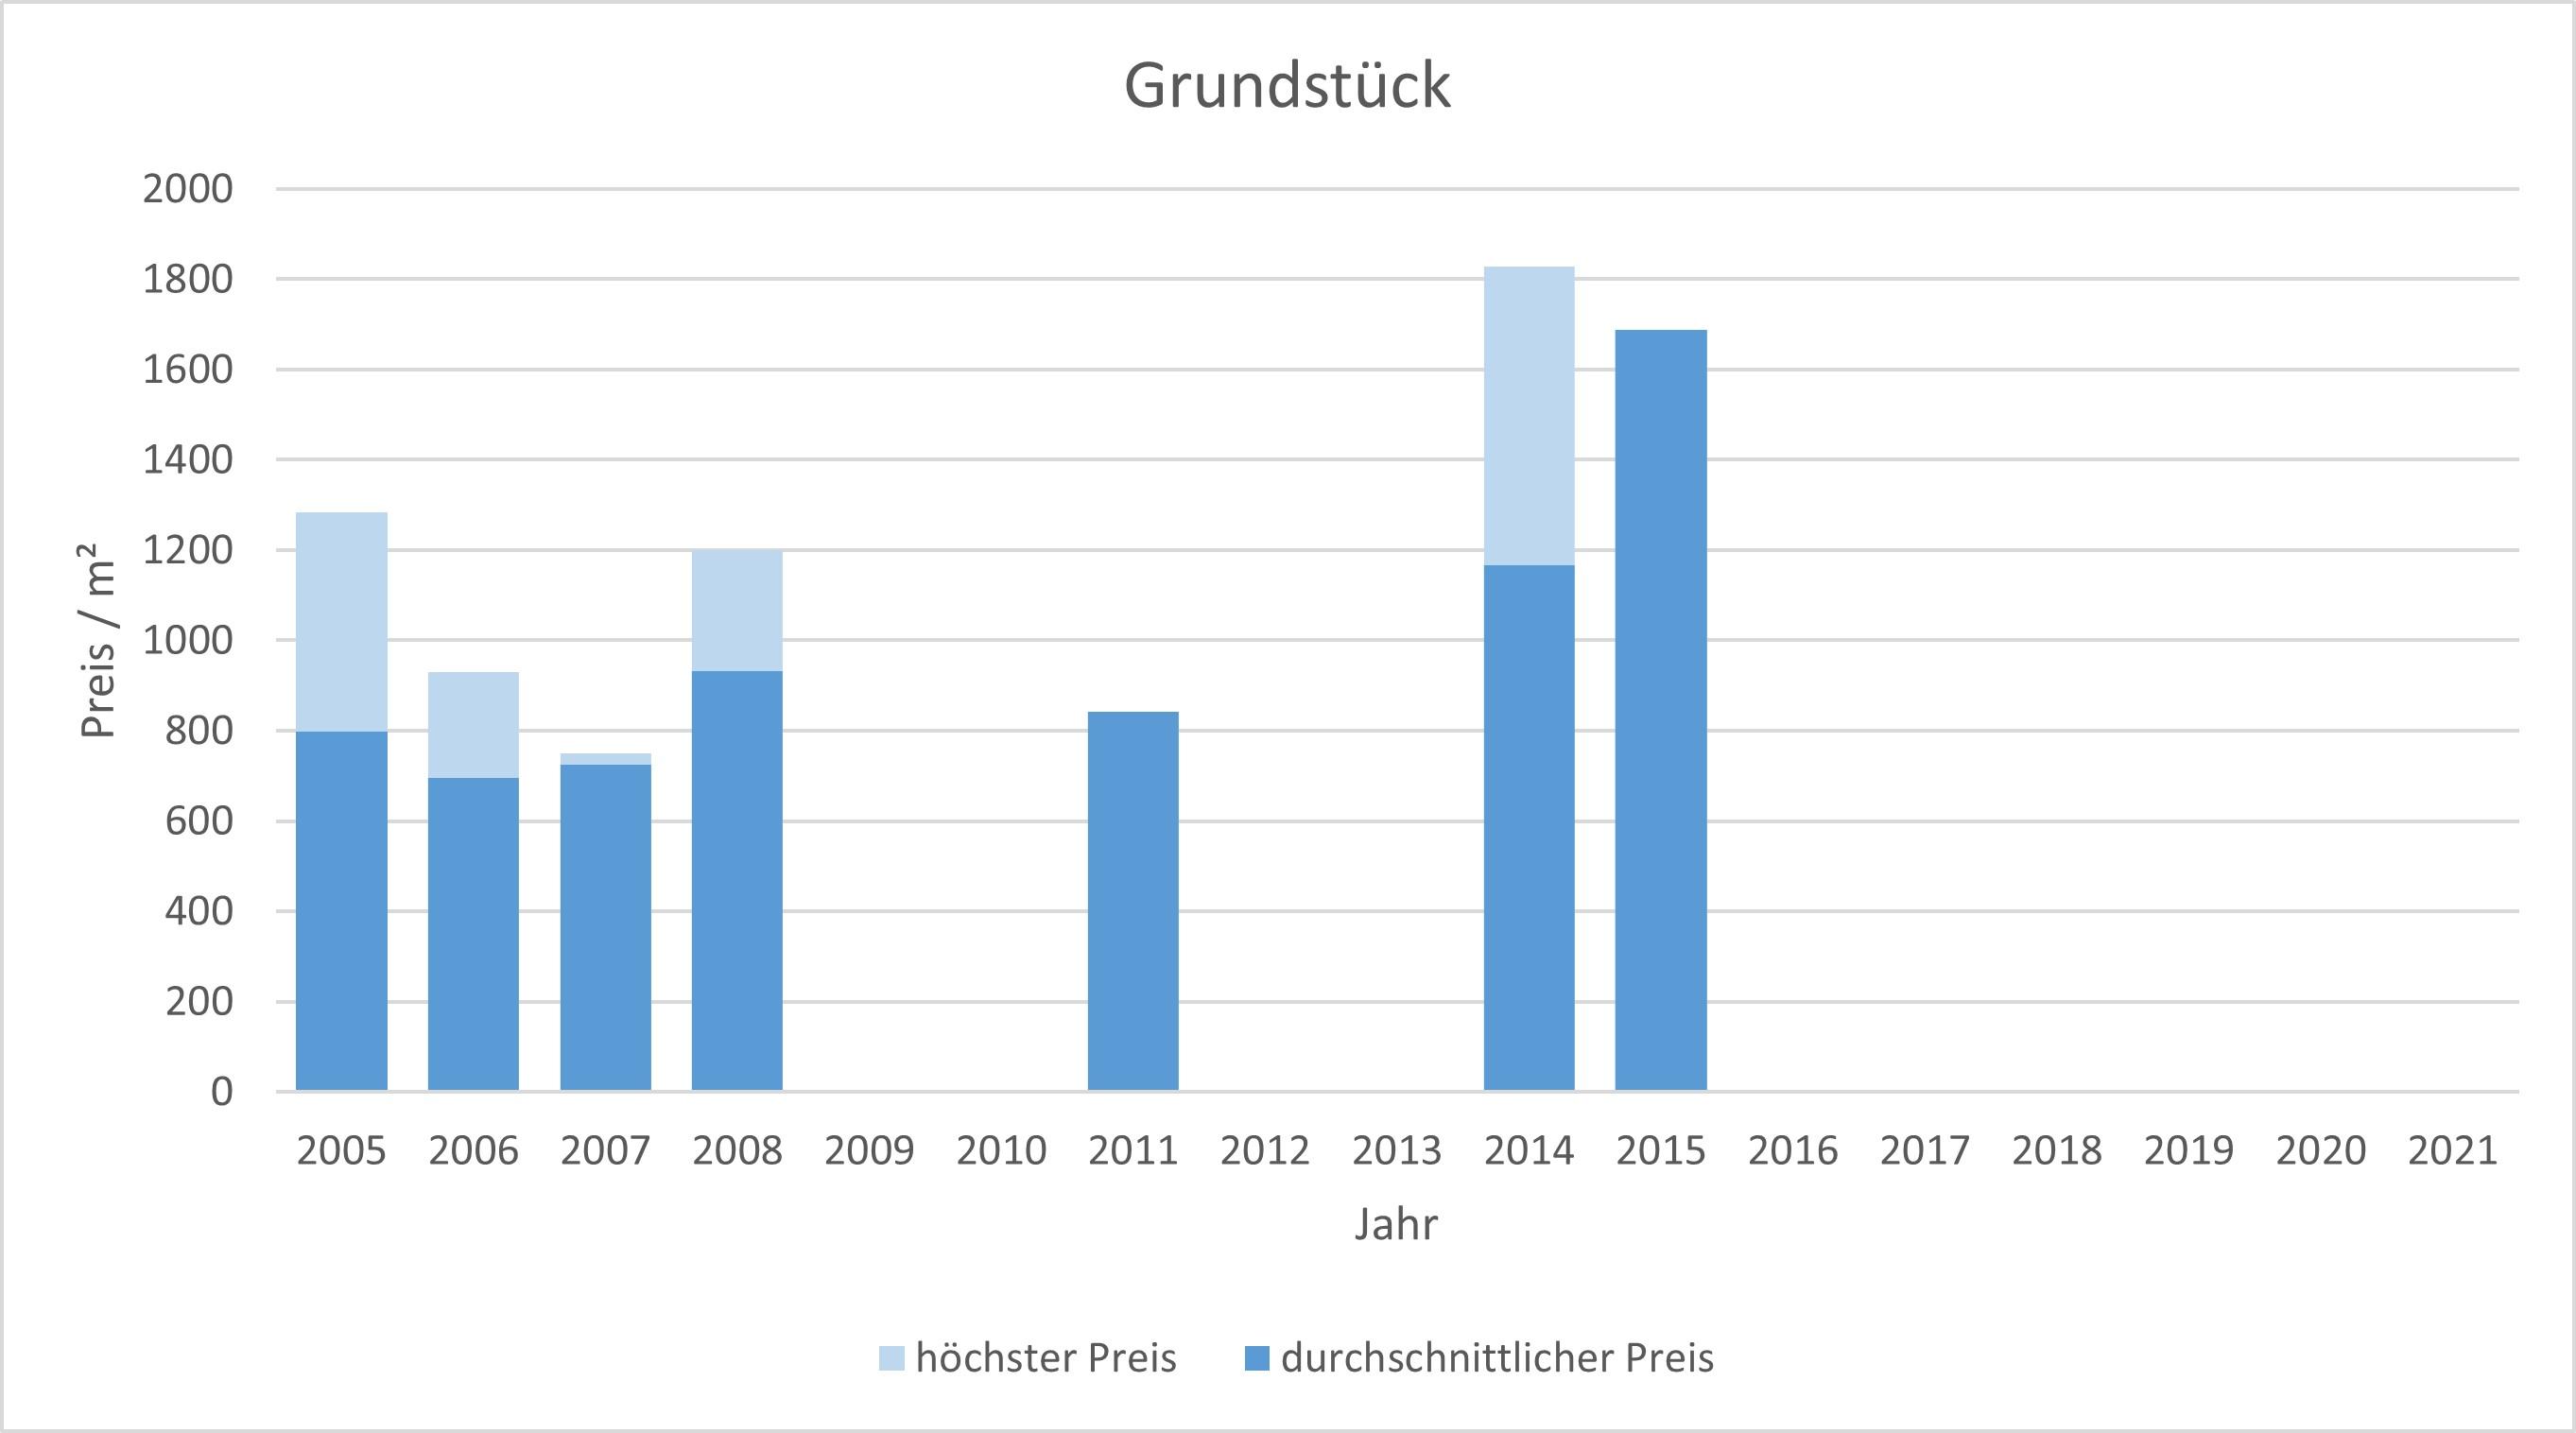 München - Daglfing Grundstück kaufen verkaufen Preis Bewertung 2019 2020 2021 Makler www.happy-immo.de